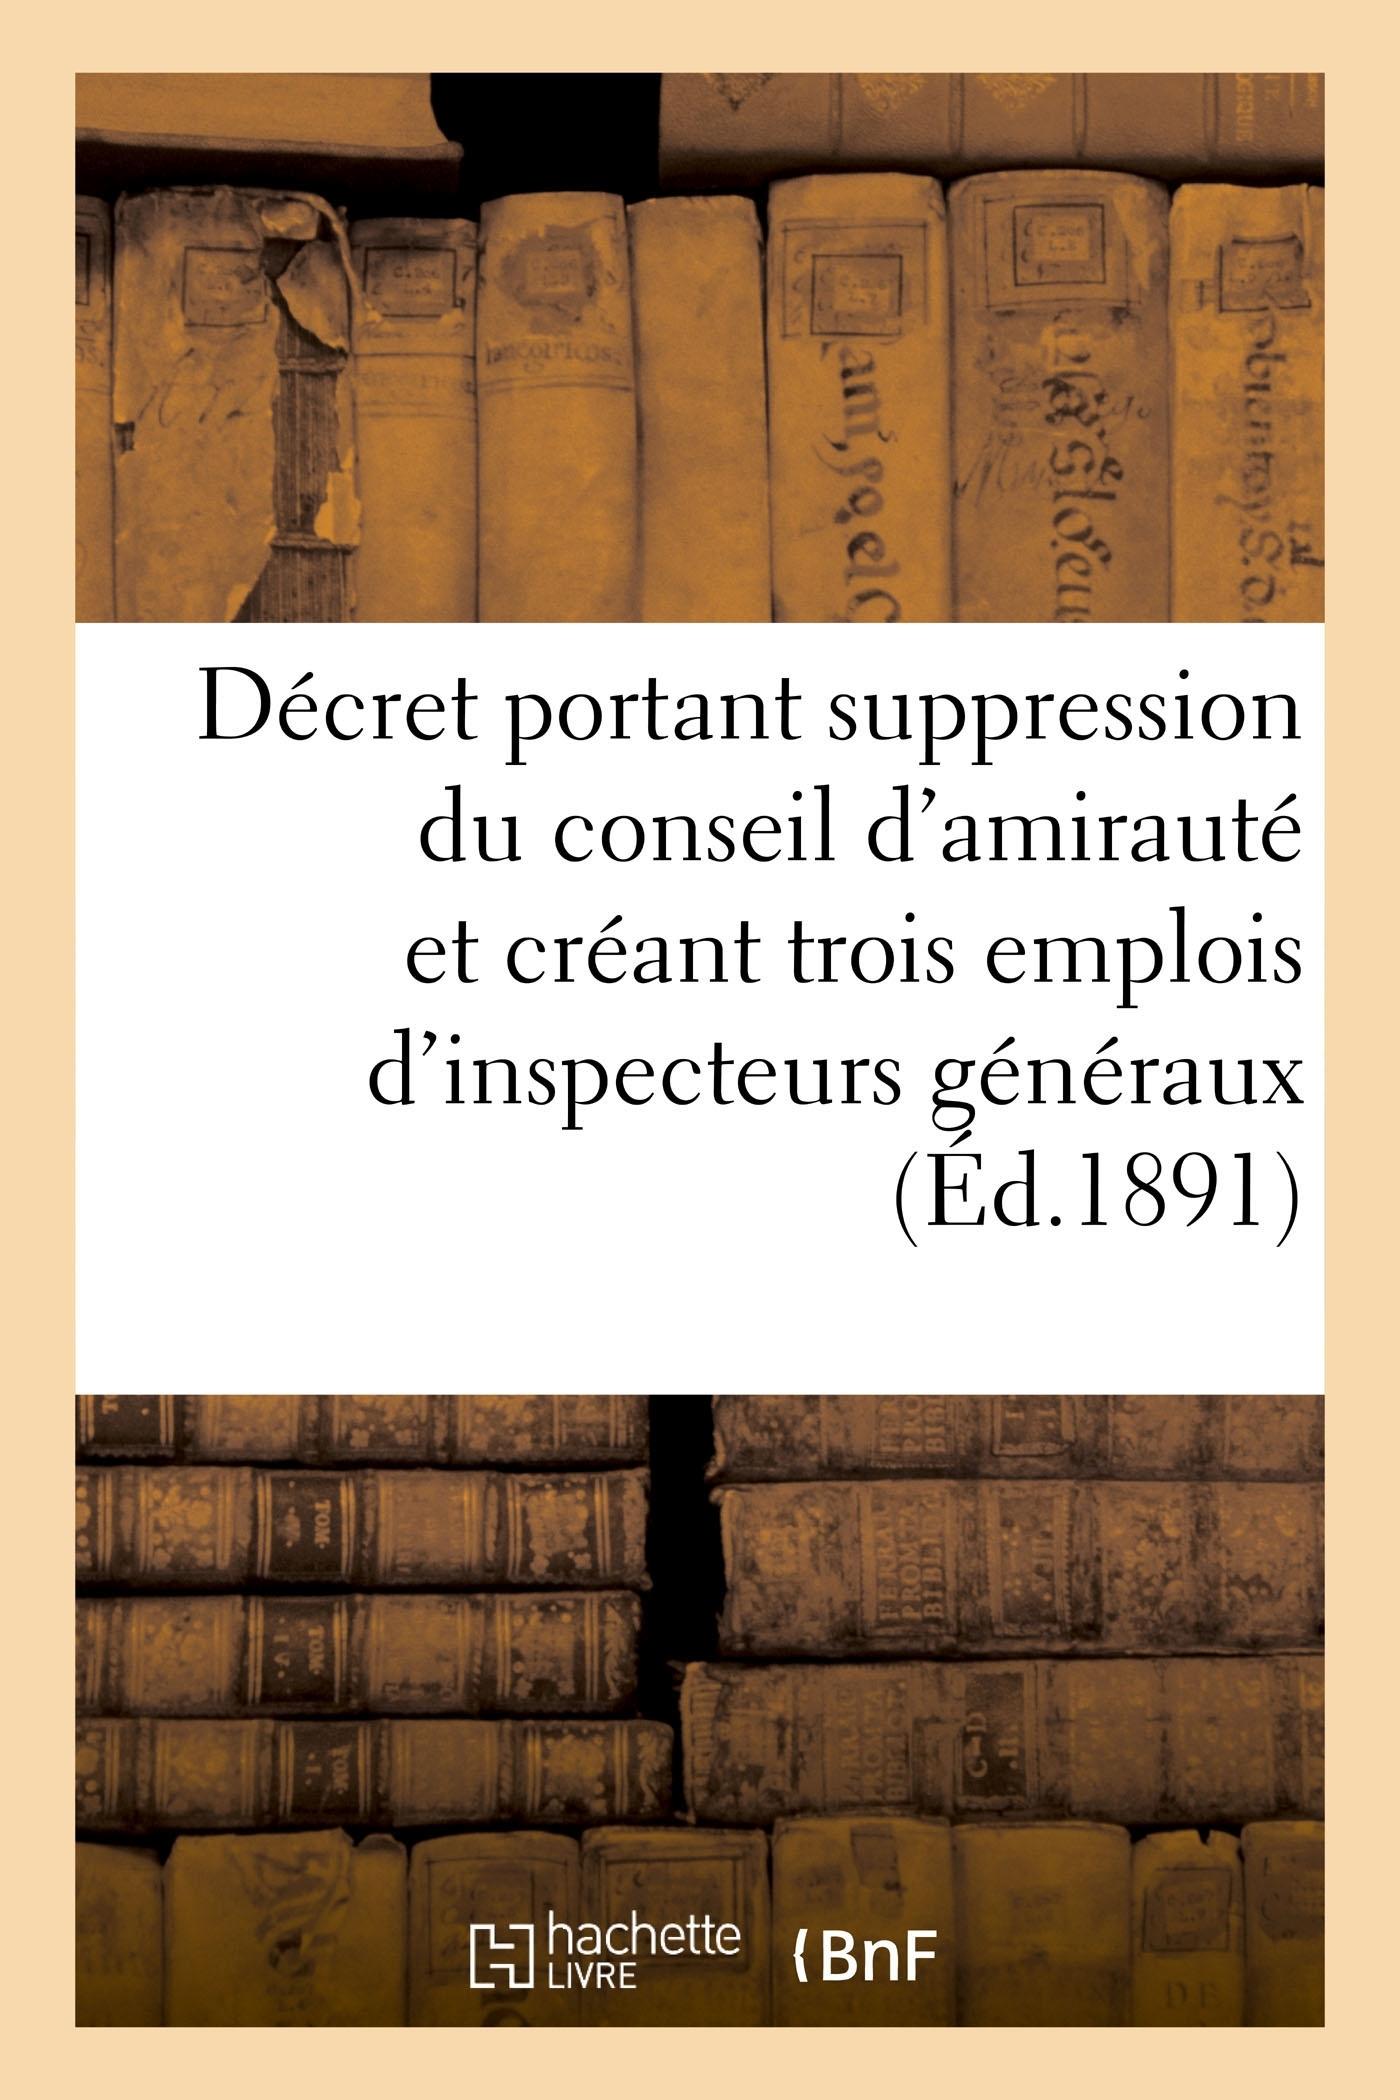 DECRET PORTANT SUPPRESSION DU CONSEIL D'AMIRAUTE ET CREANT TROIS EMPLOIS D'INSPECTEURS GENERAUX - UN